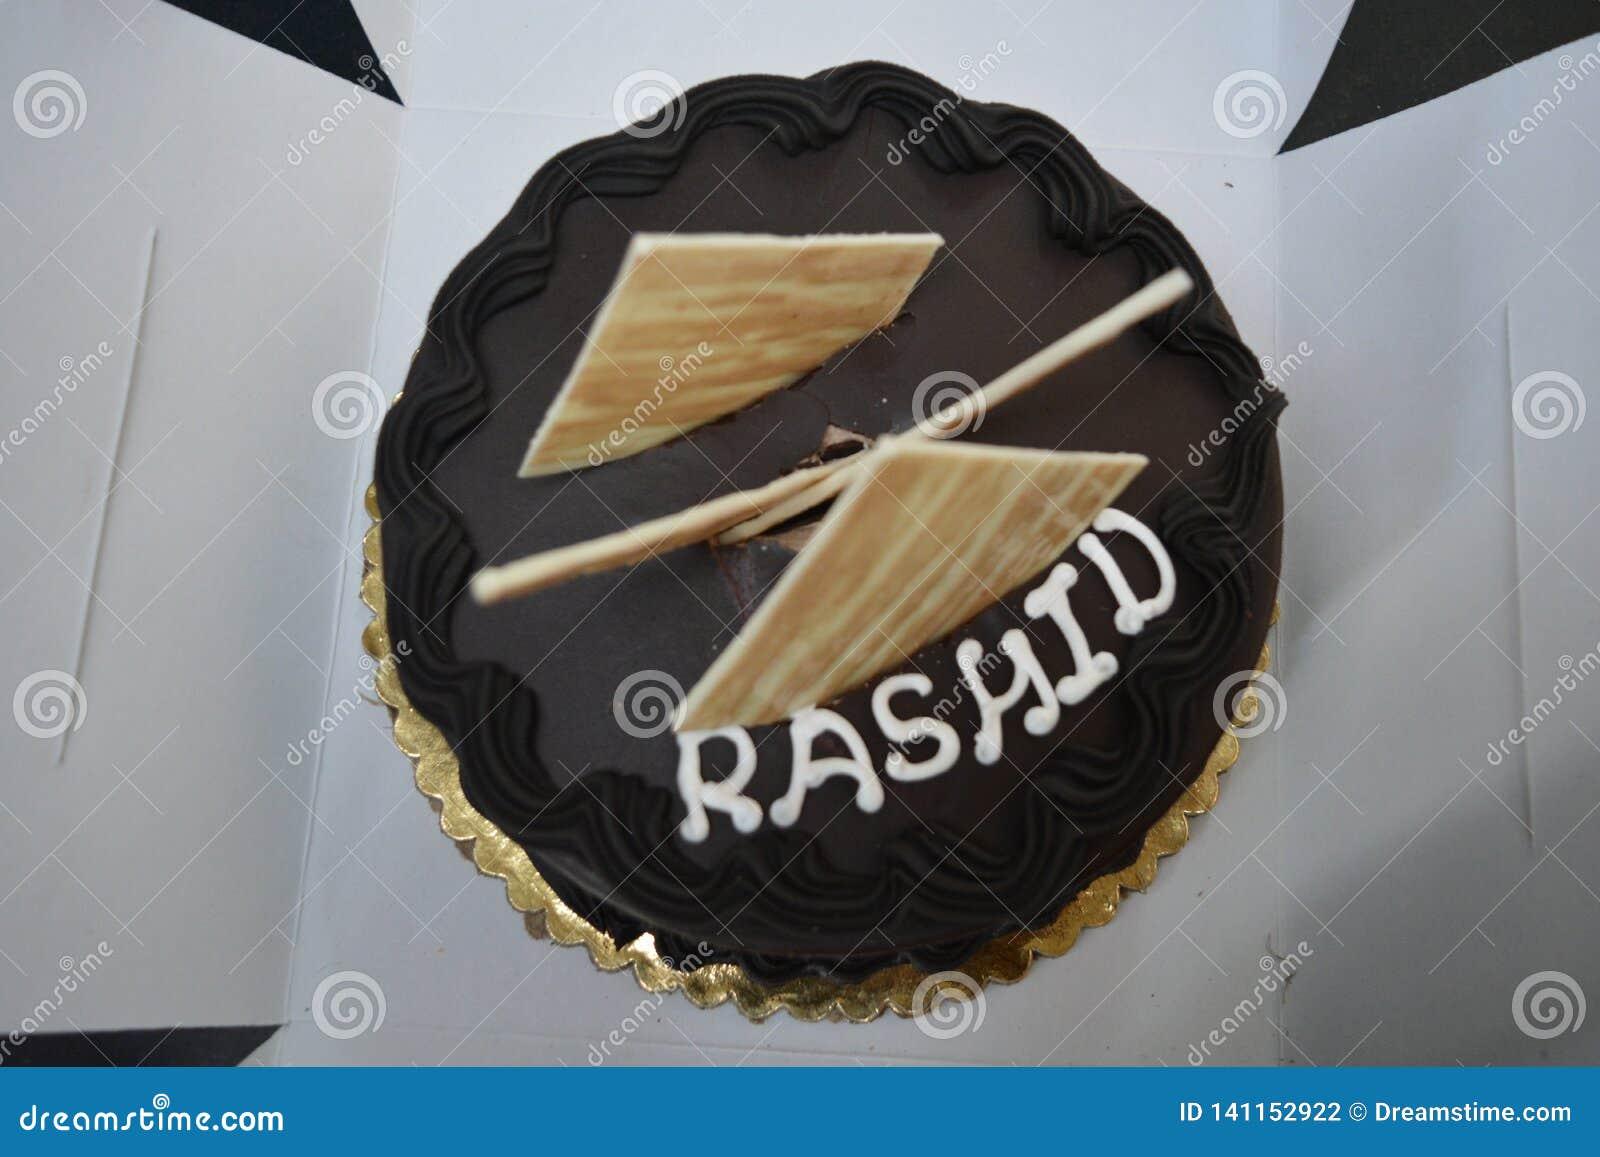 Födelsedagkaka med namnet Rashid